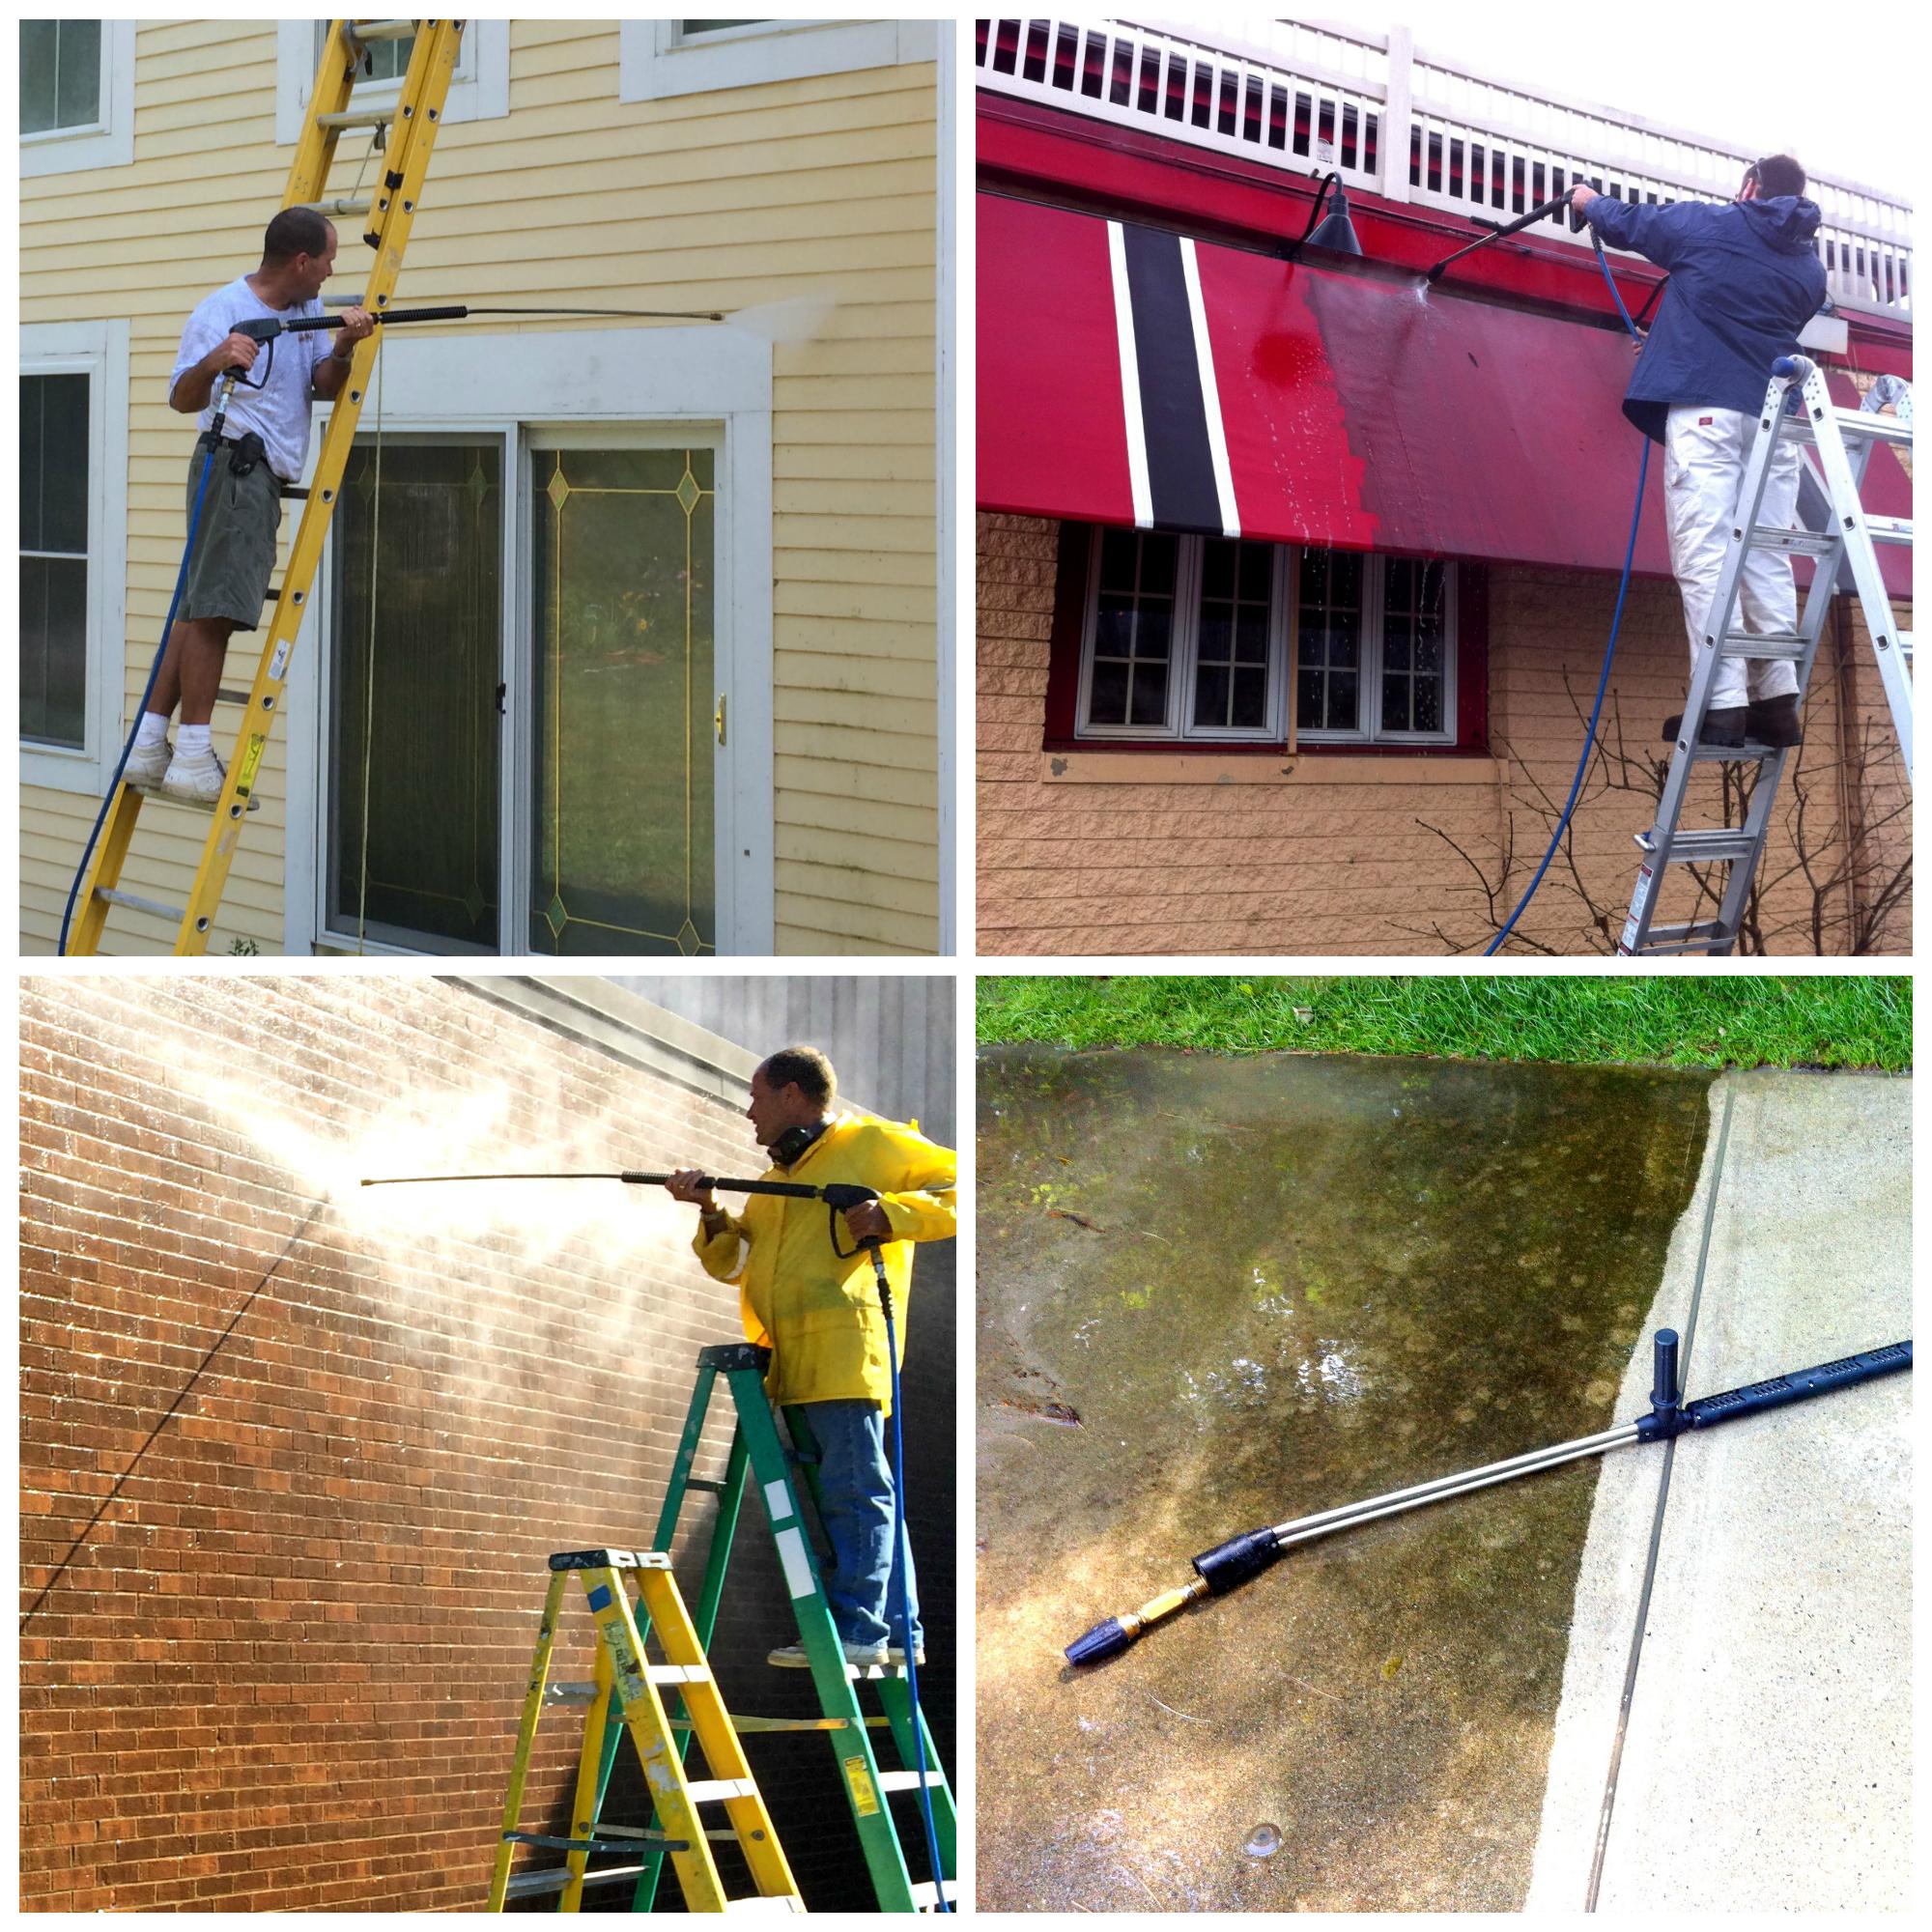 collage of man on ladder powerwashing buildings